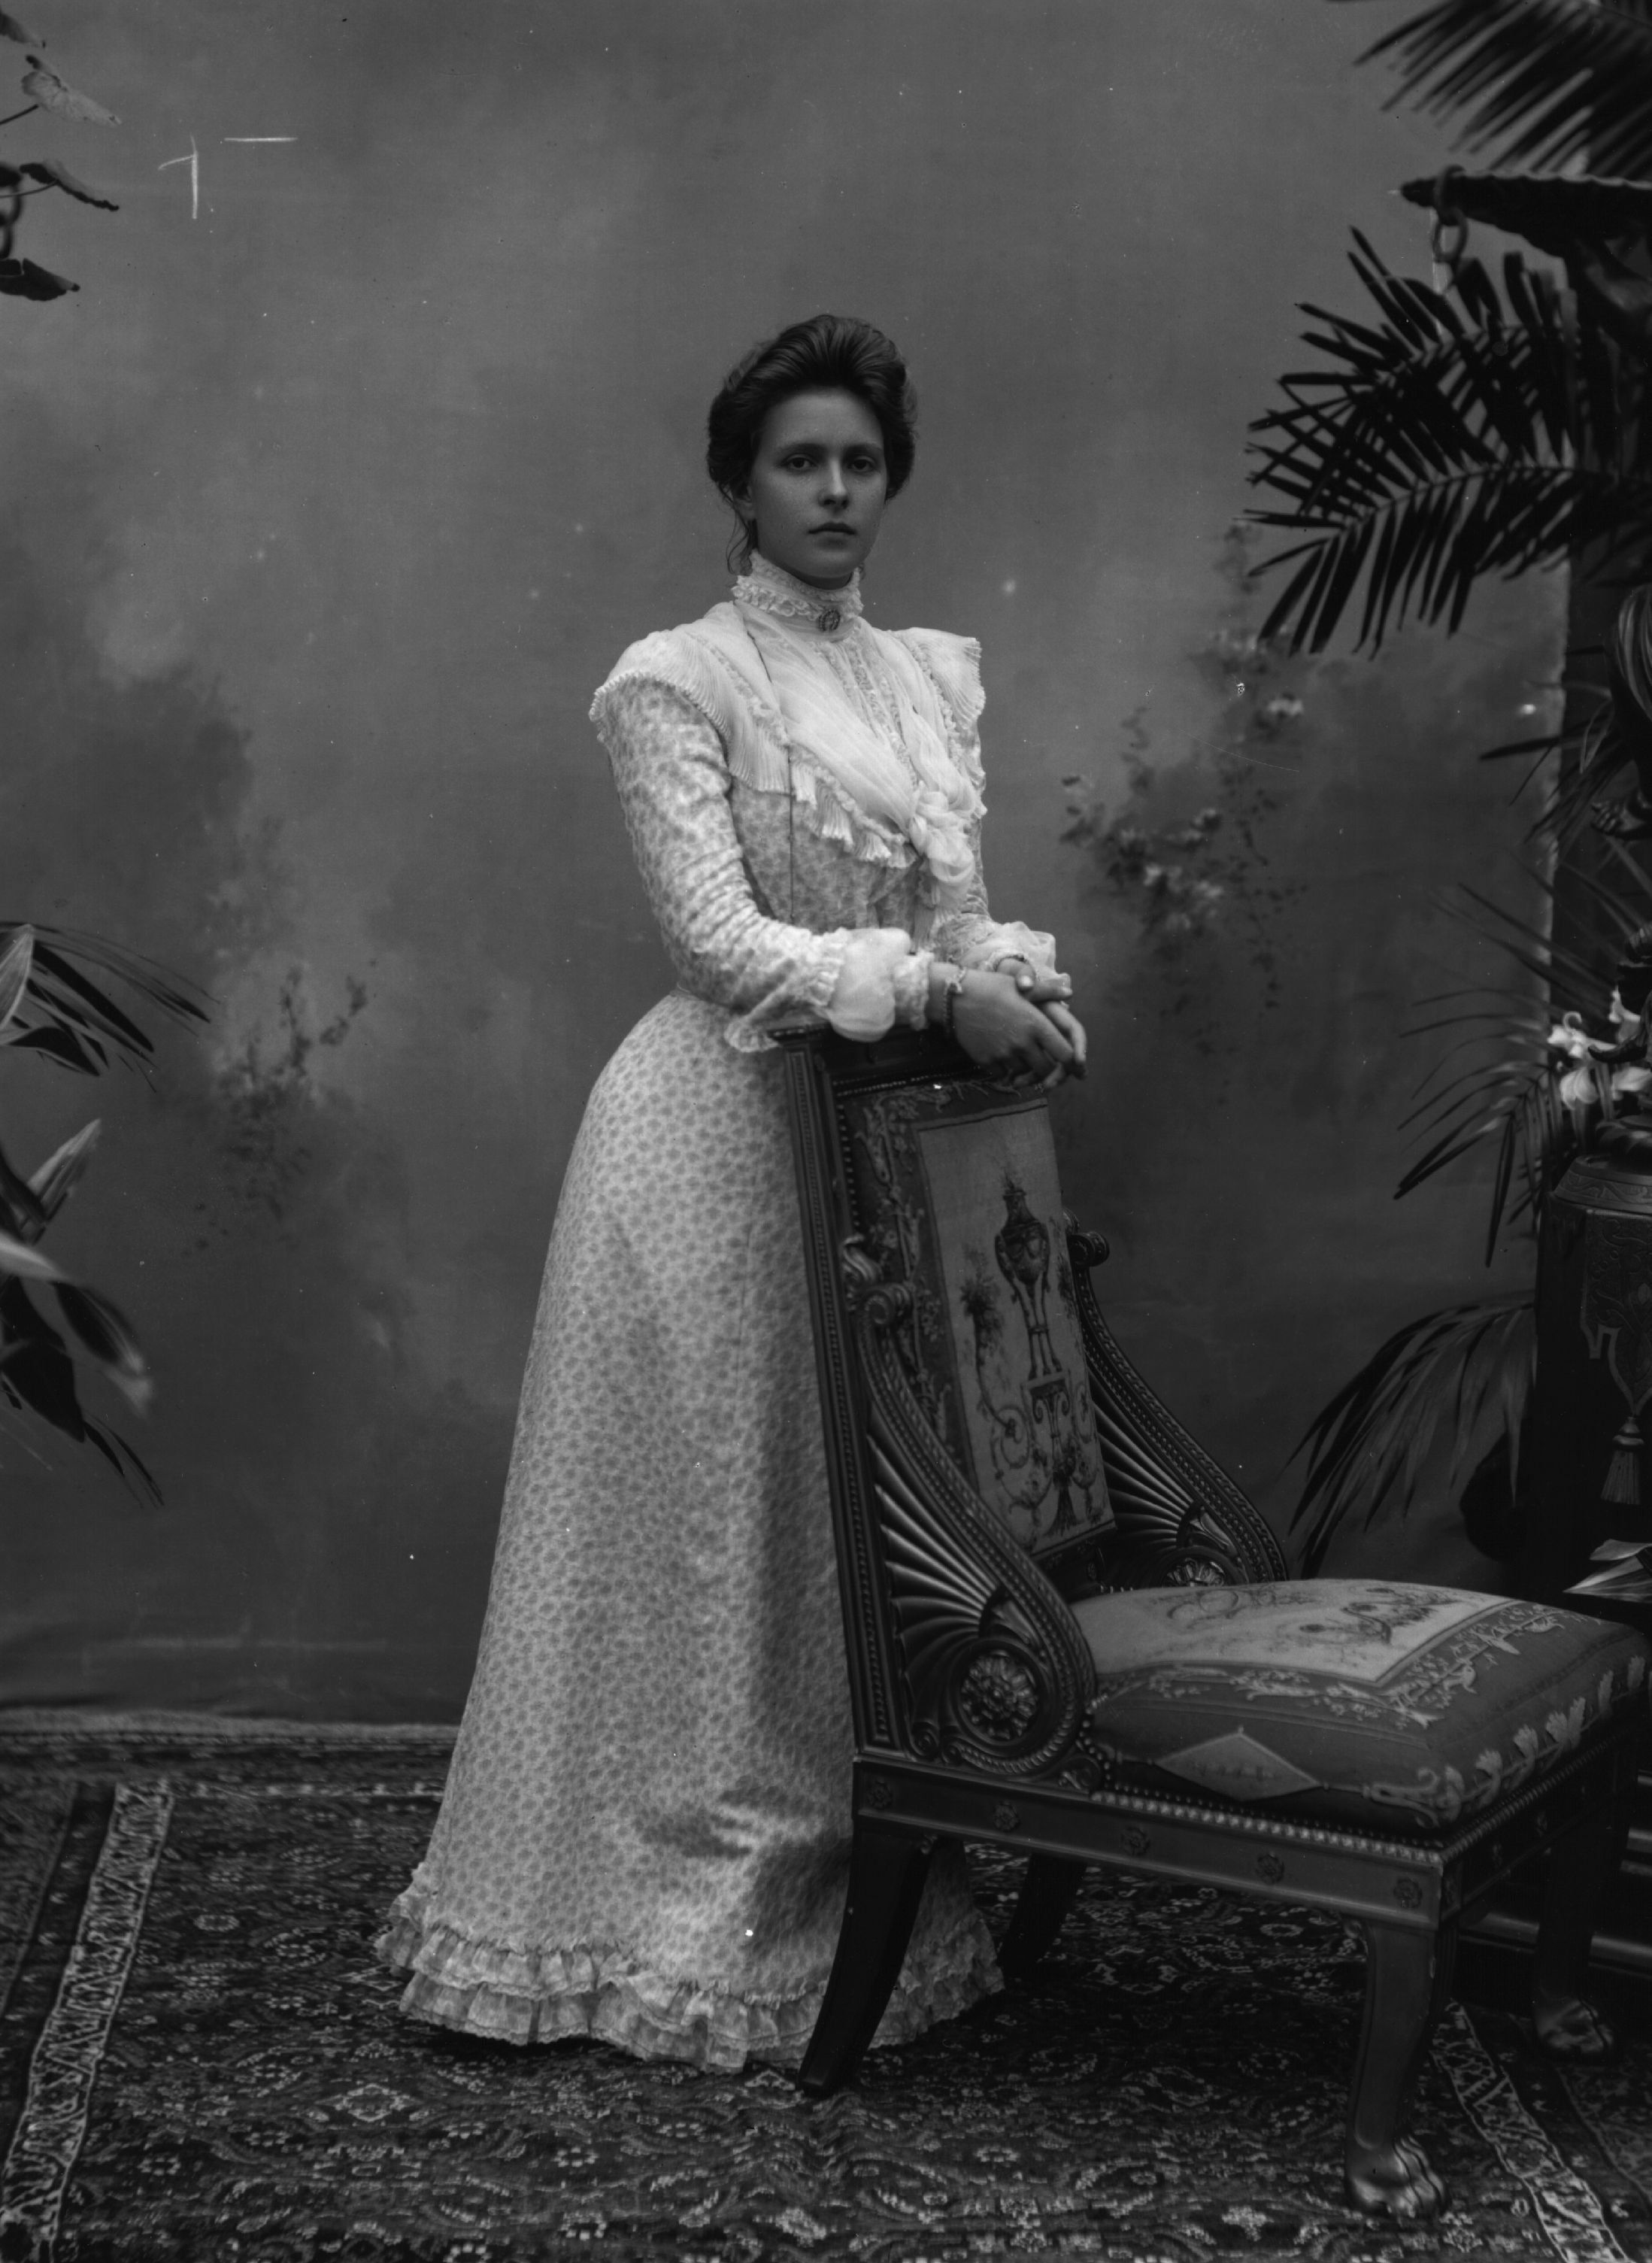 Ποια ήταν η Πριγκίπισσα Αλίκη της Ελλάδας, πού βρίσκεται ο τάφος της και ποια η σχέση της με τον Πρίγκιπα